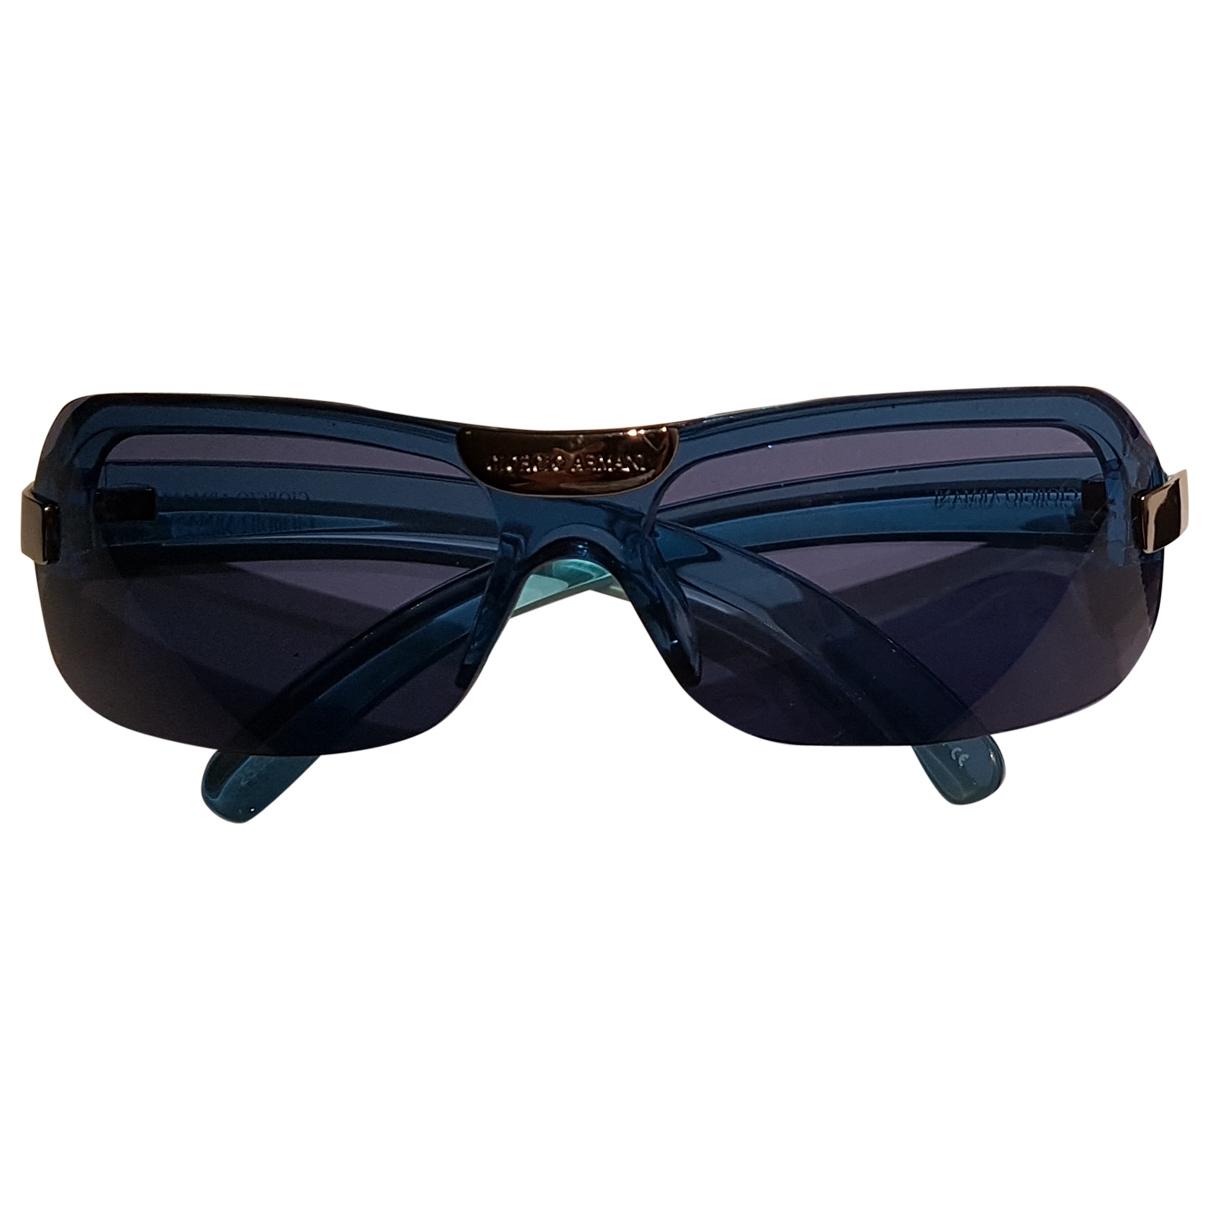 Gafas mascara Giorgio Armani